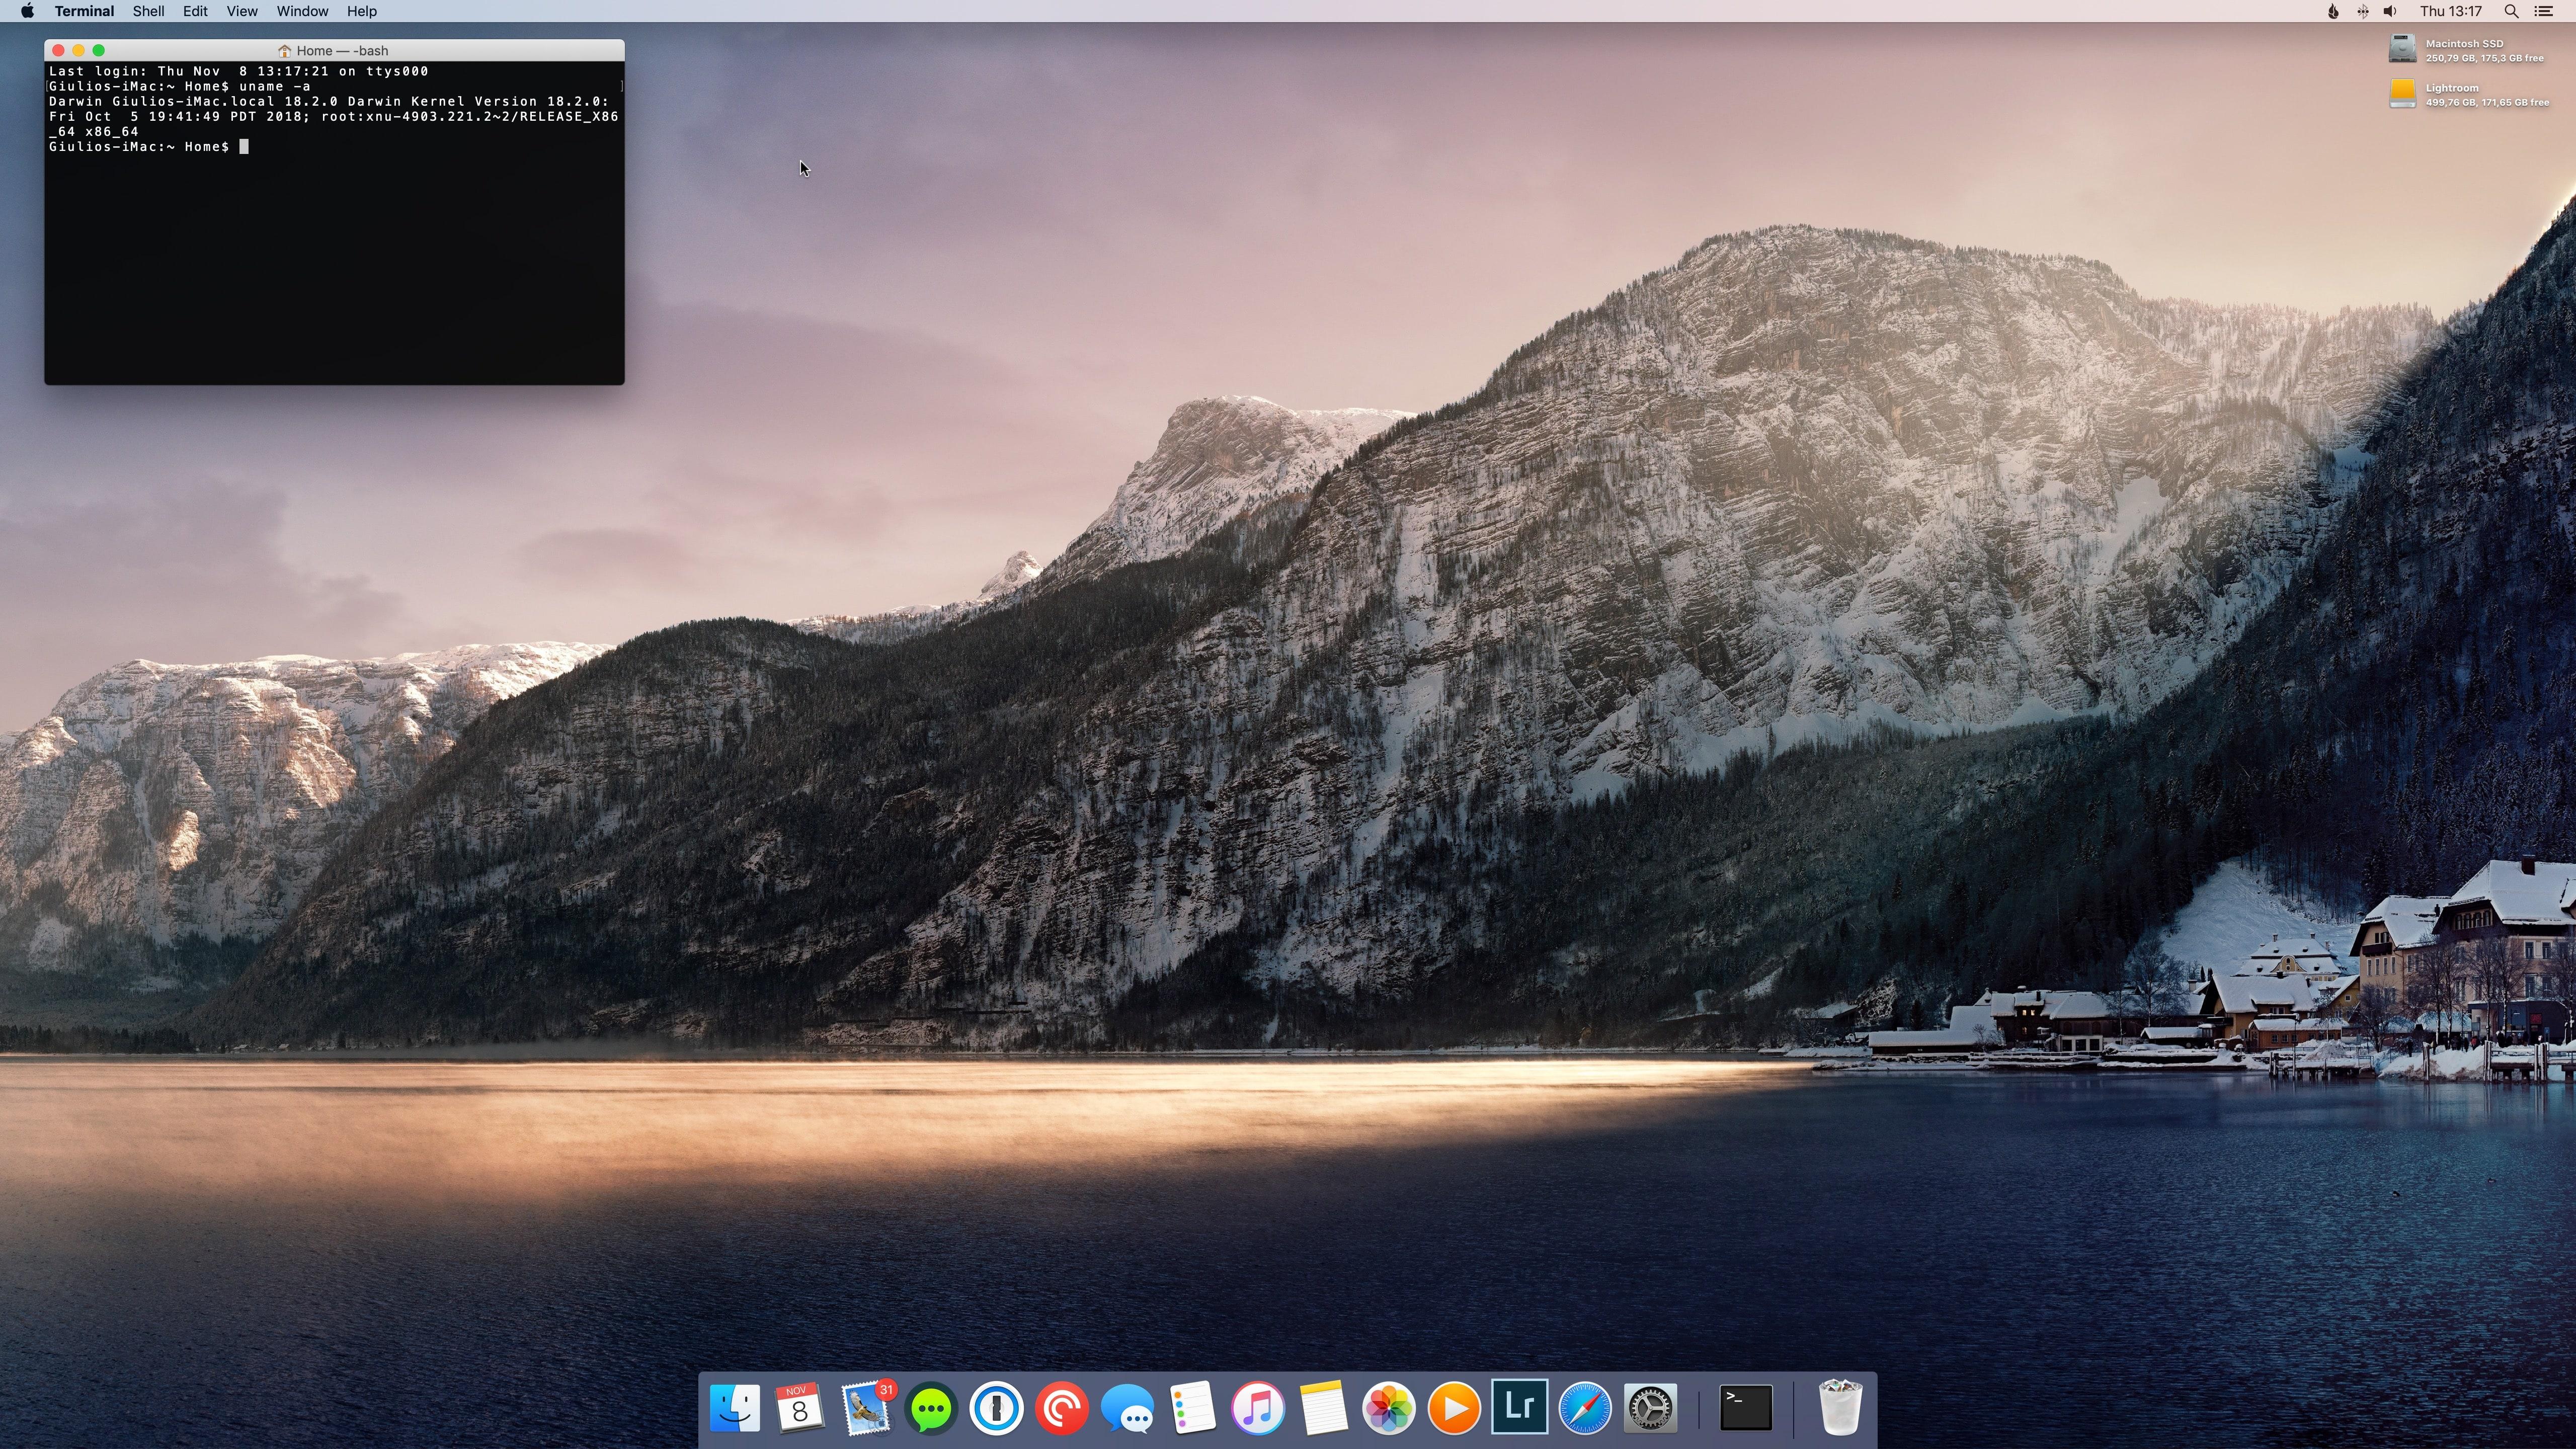 Screenshot 2018-11-08 at 13.17.56.jpg